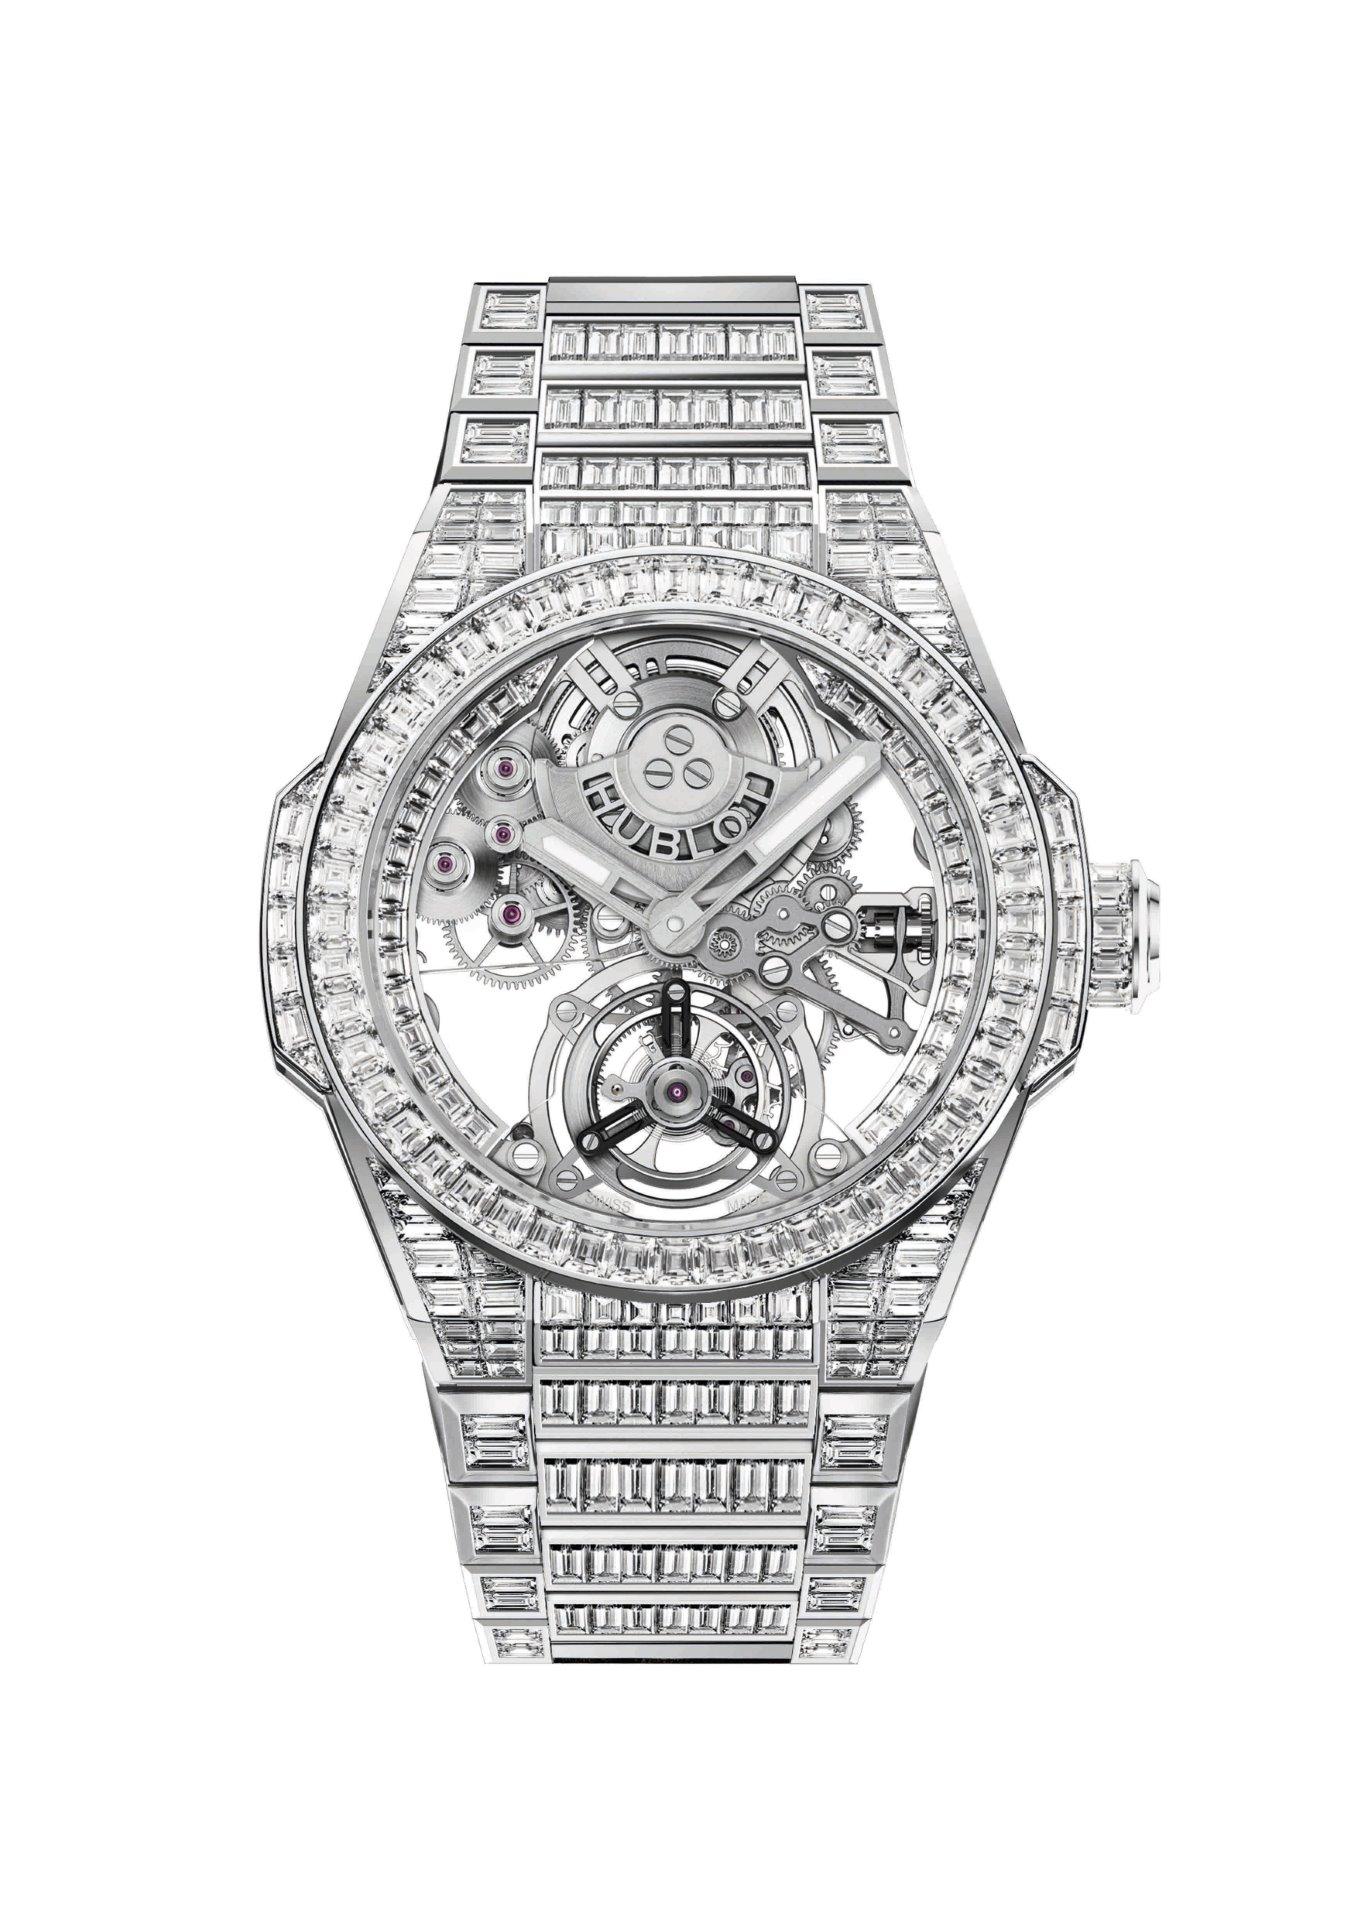 Hublot Big Bang Integral Tourbillon High Jewellery 455.WX.9000.WX.9904 Frontal